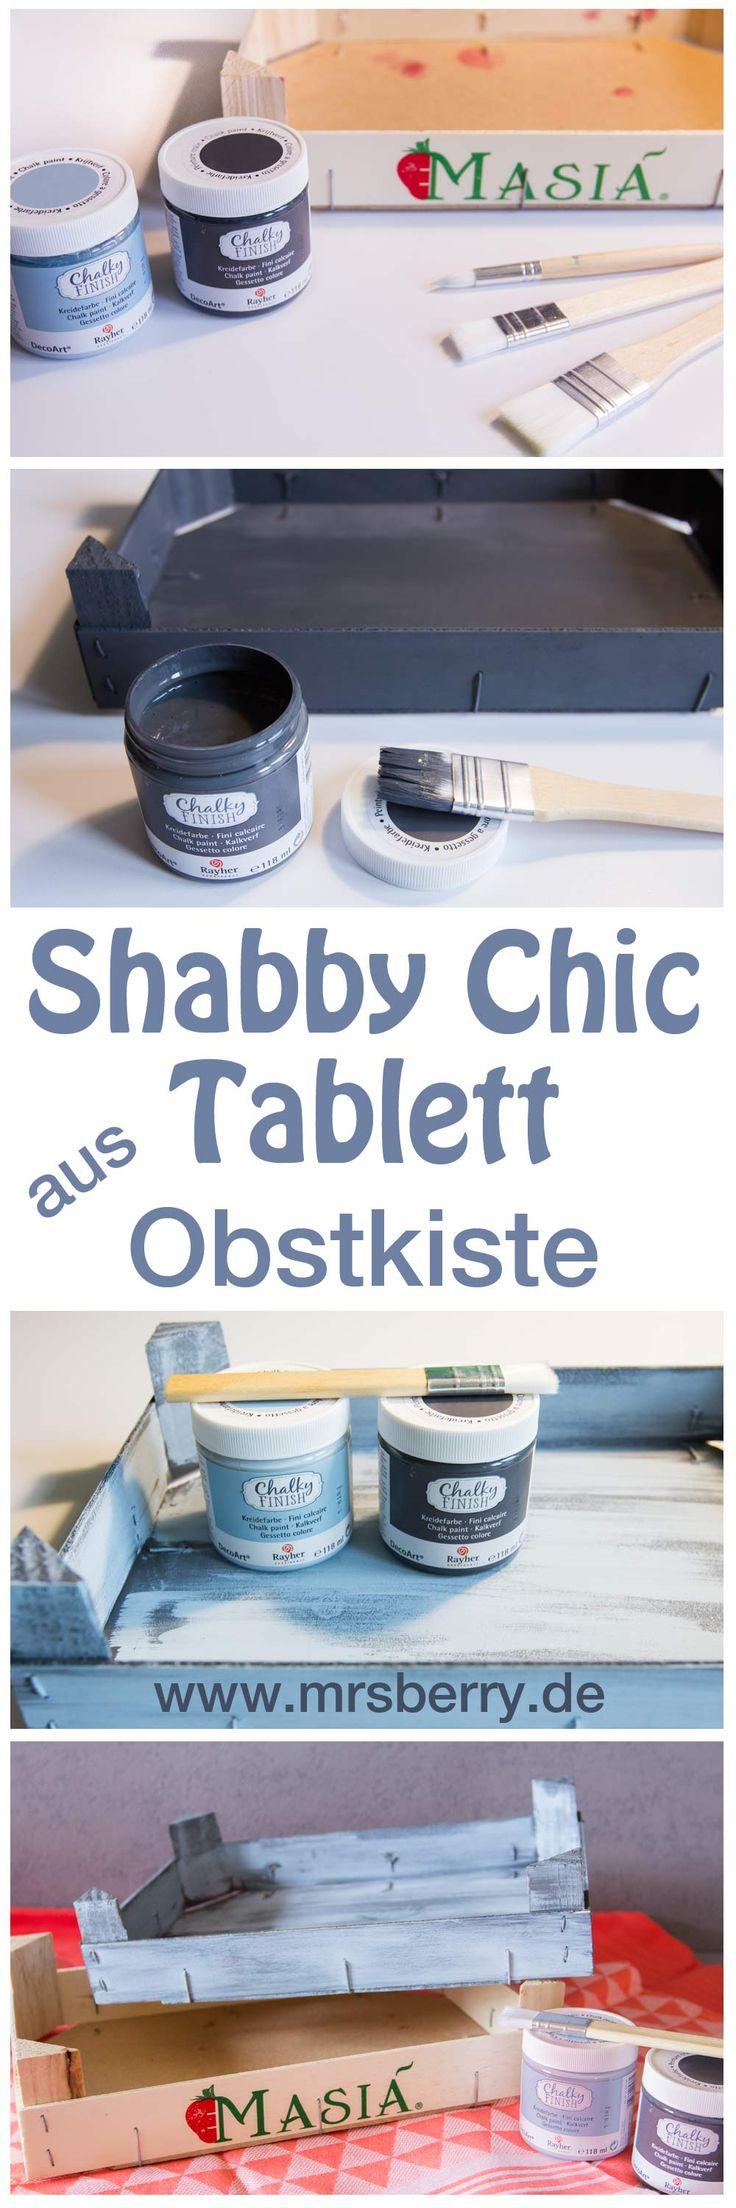 Shabby Chic selber machen - Ich zeige euch, wie ihr mit wenigen Handgriffen und Hilfsmitteln aus einer alten Obstkiste ein schickes Tablett im Used Look basteln könnt. Mehr MrsBerry DIY's gibt's hier: http://mrsberry.de/tag/diy/